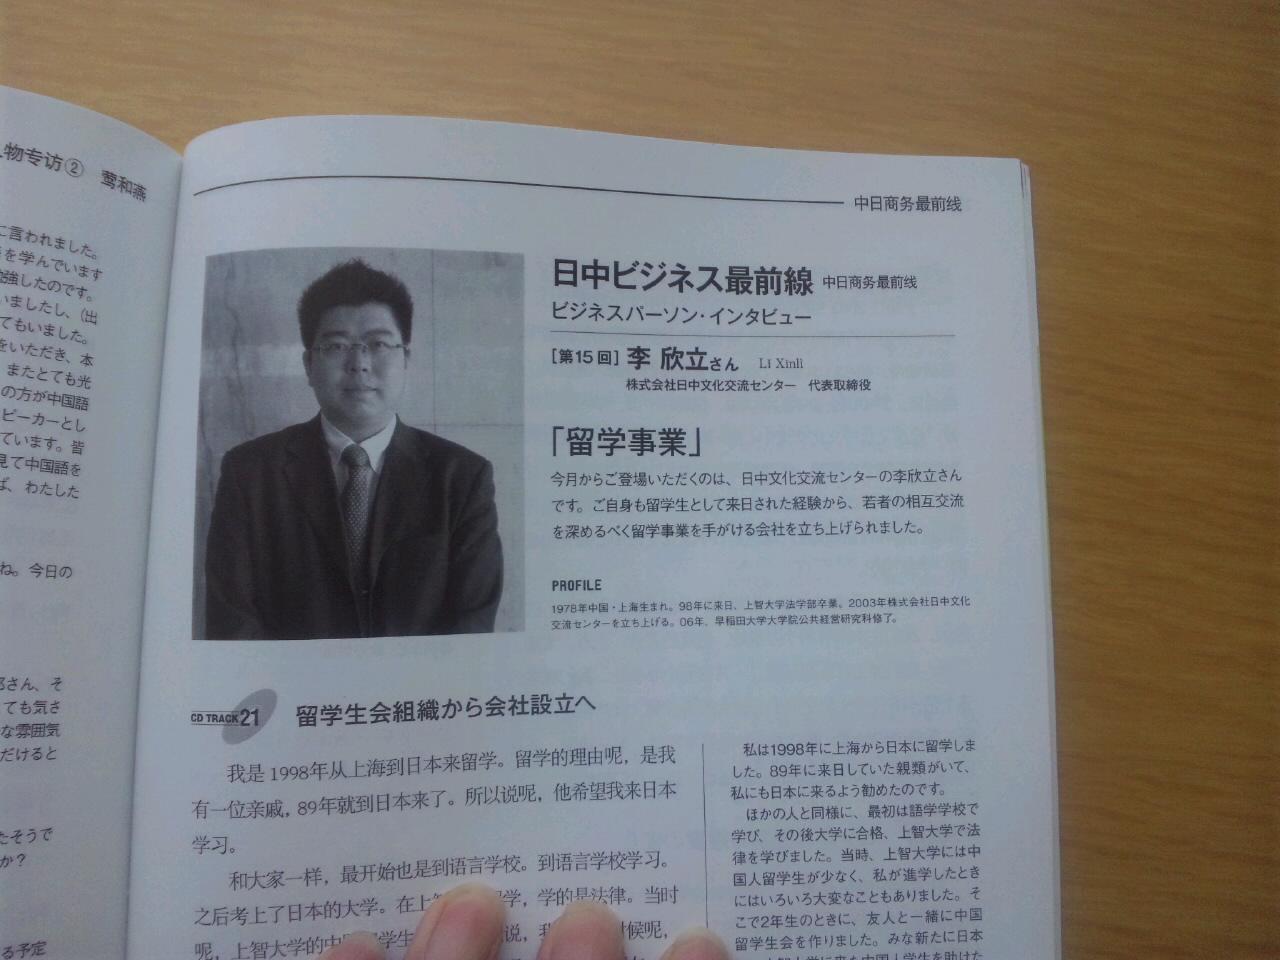 李欣立さん 中国語ジャーナル6月号に大きく登場_d0027795_11142018.jpg